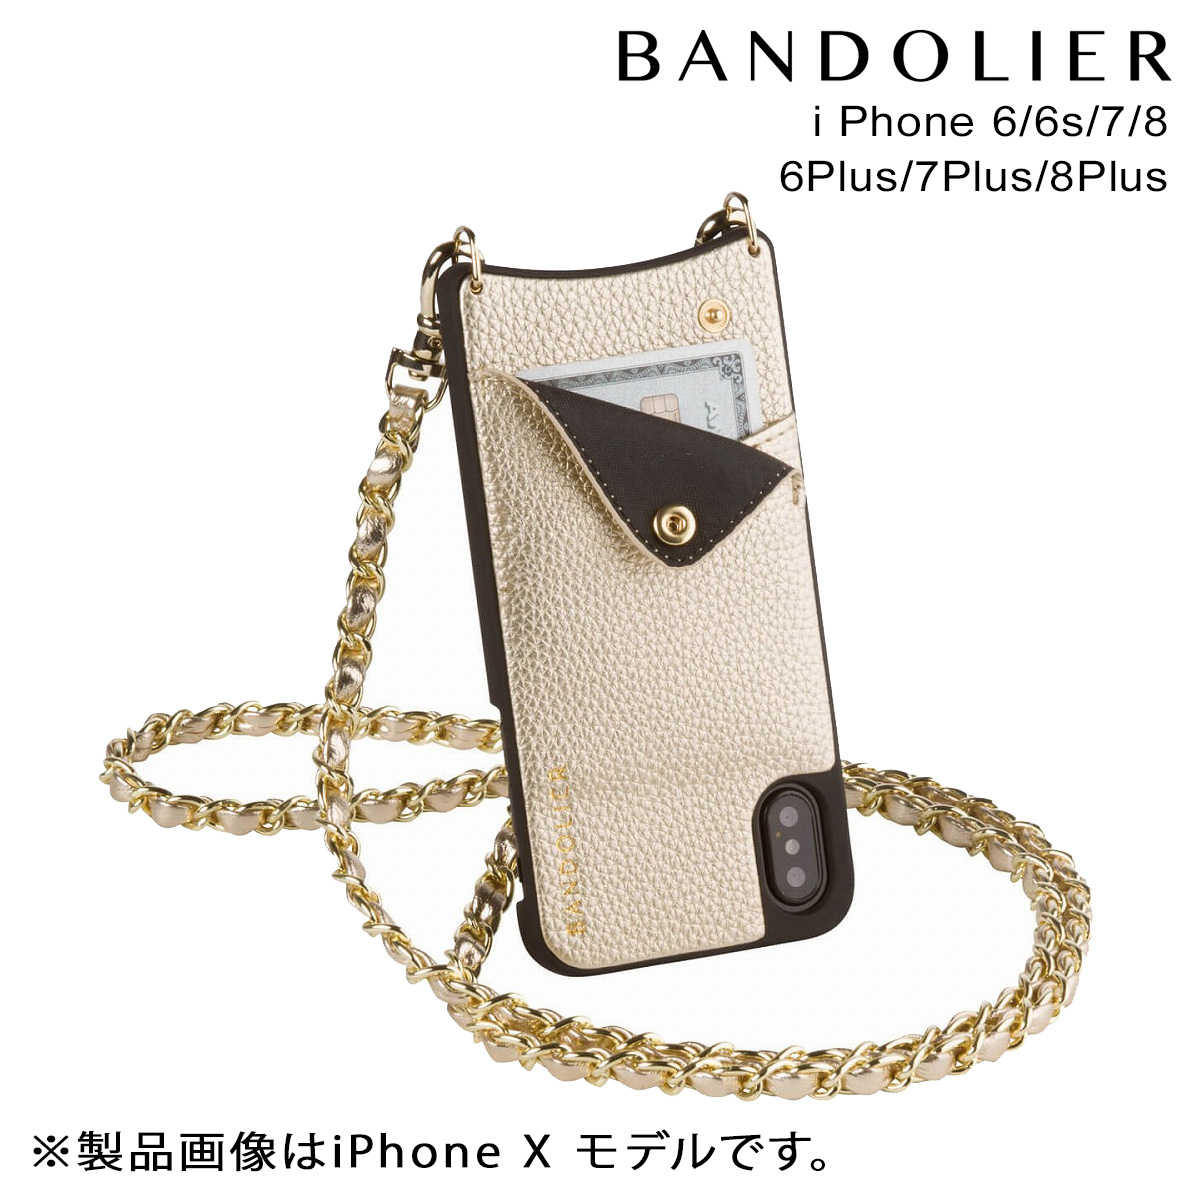 手数料安い BANDOLIER バンドリヤー iPhone8 iPhone7 7Plus 6s ケース スマホ アイフォン プラス LUCY RICH GOLD メンズ レディース [10/25 新入荷], 見事な da2e298c